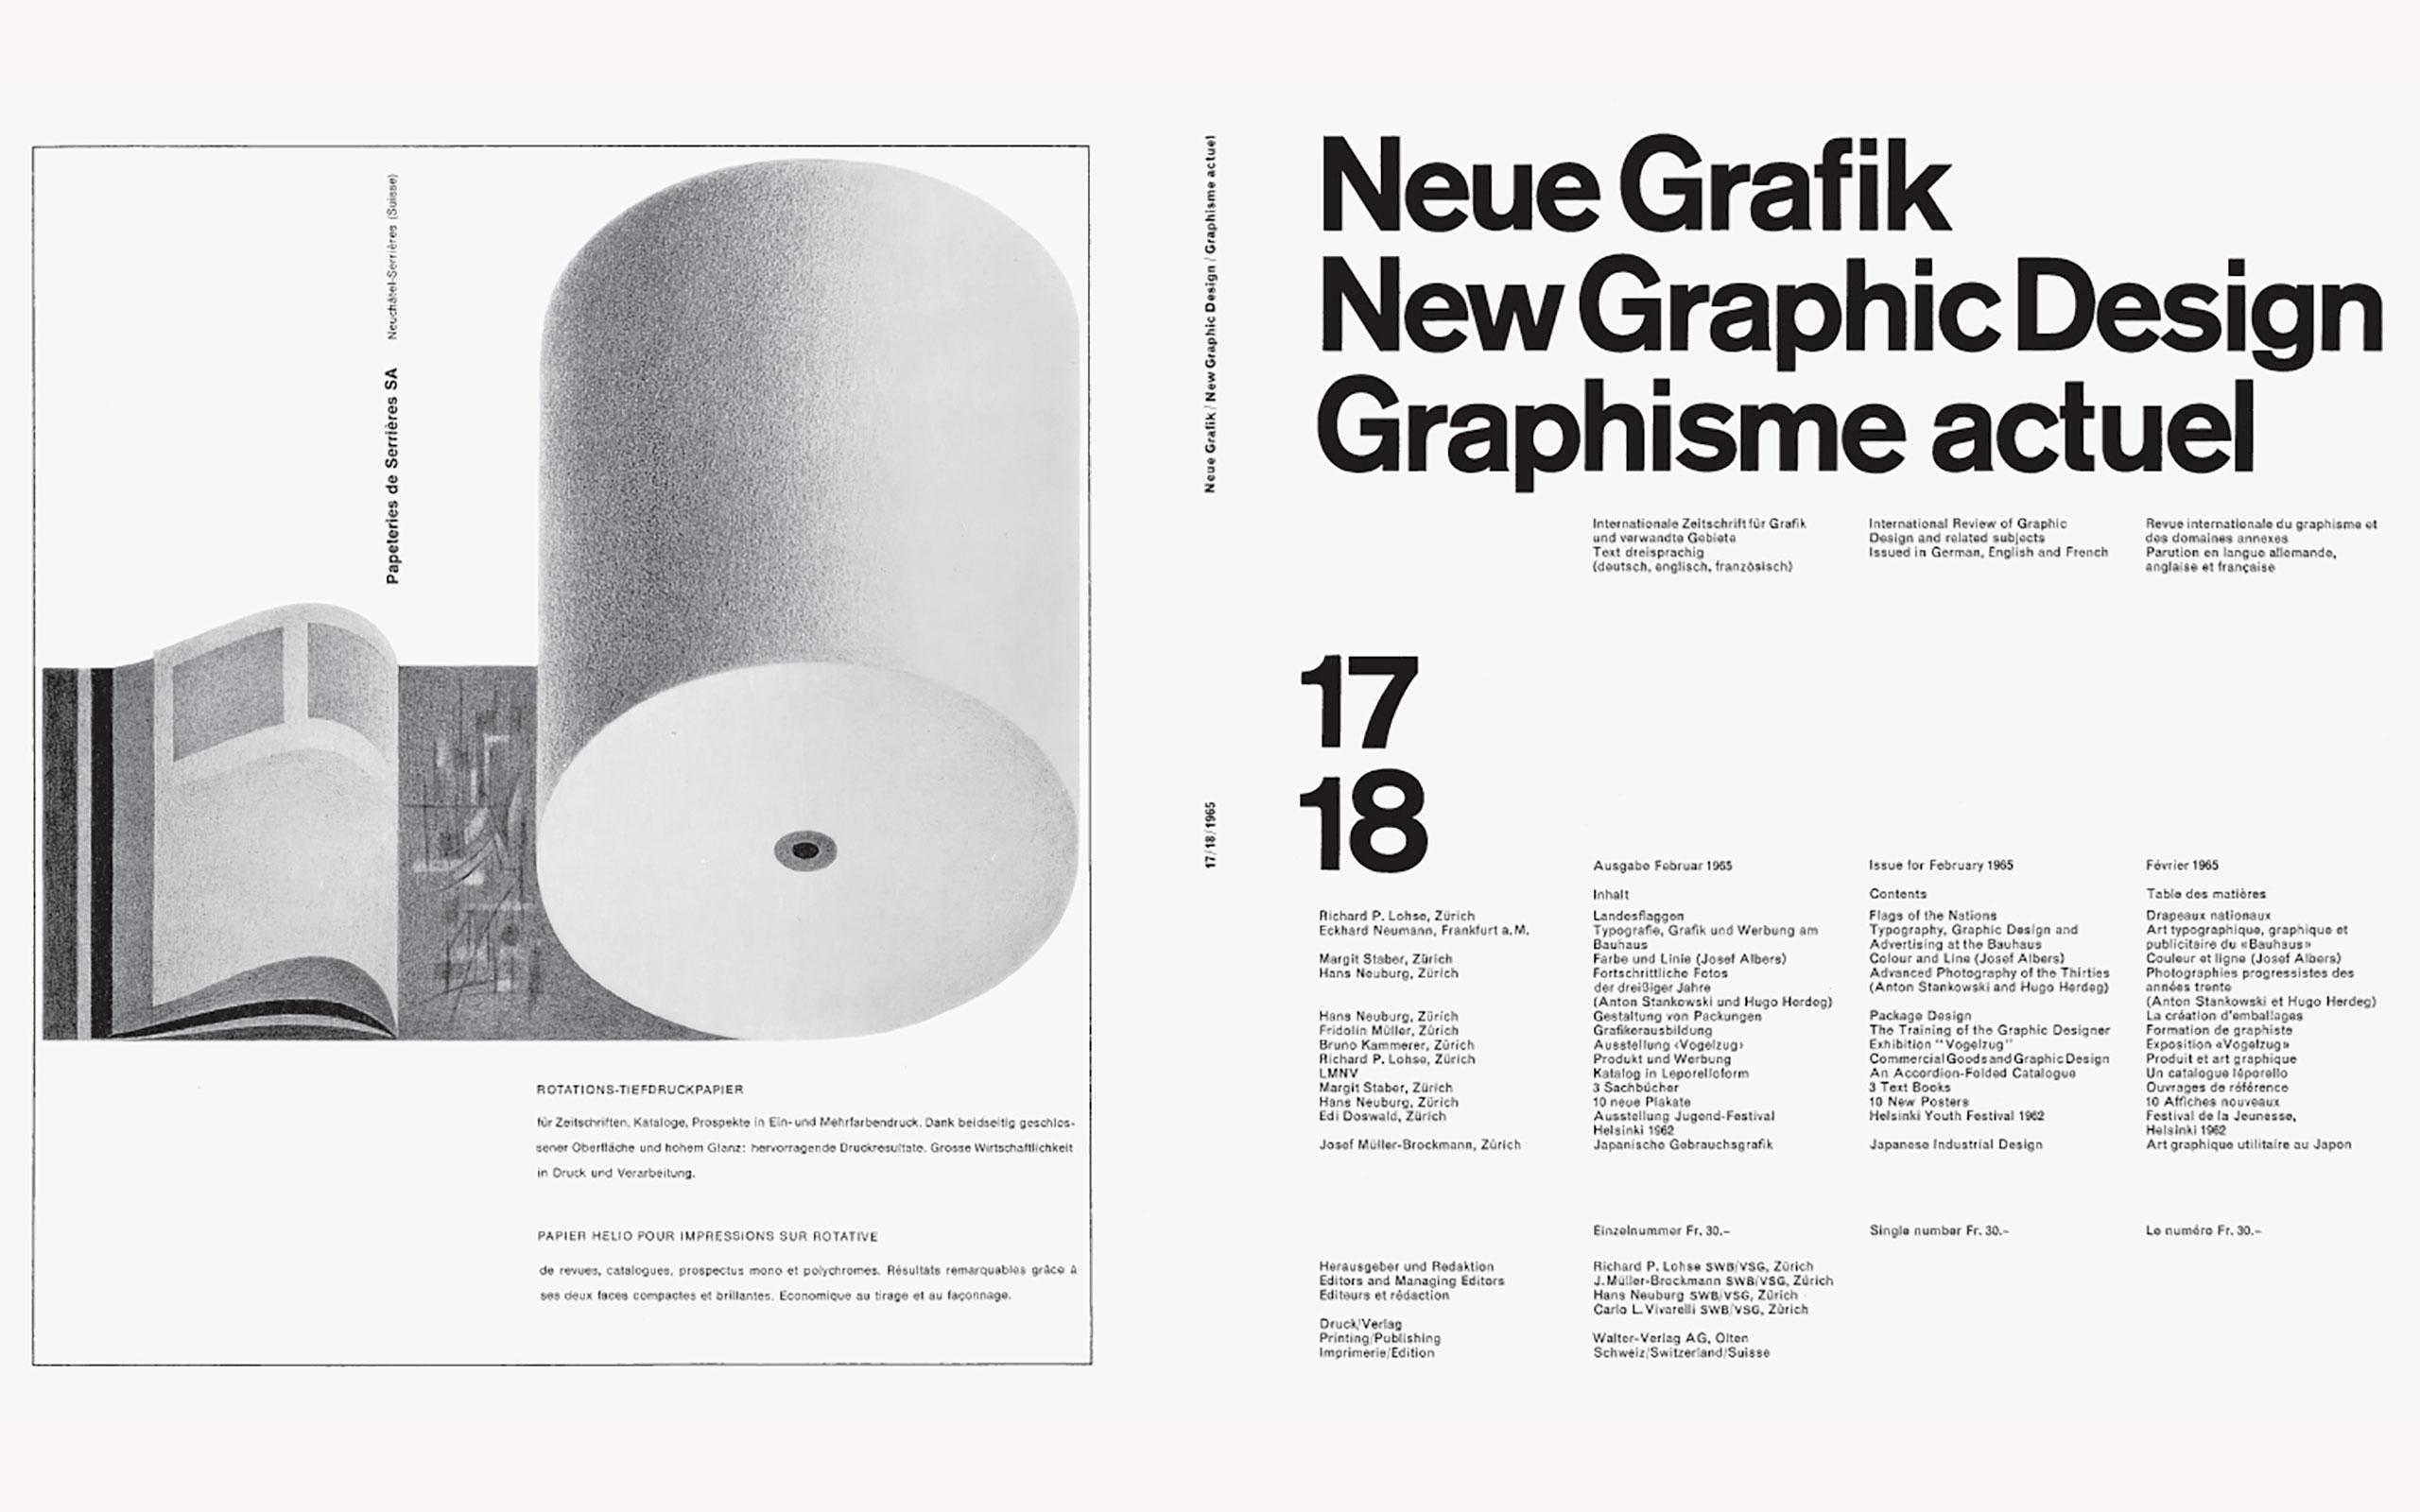 『Neue Grafik』